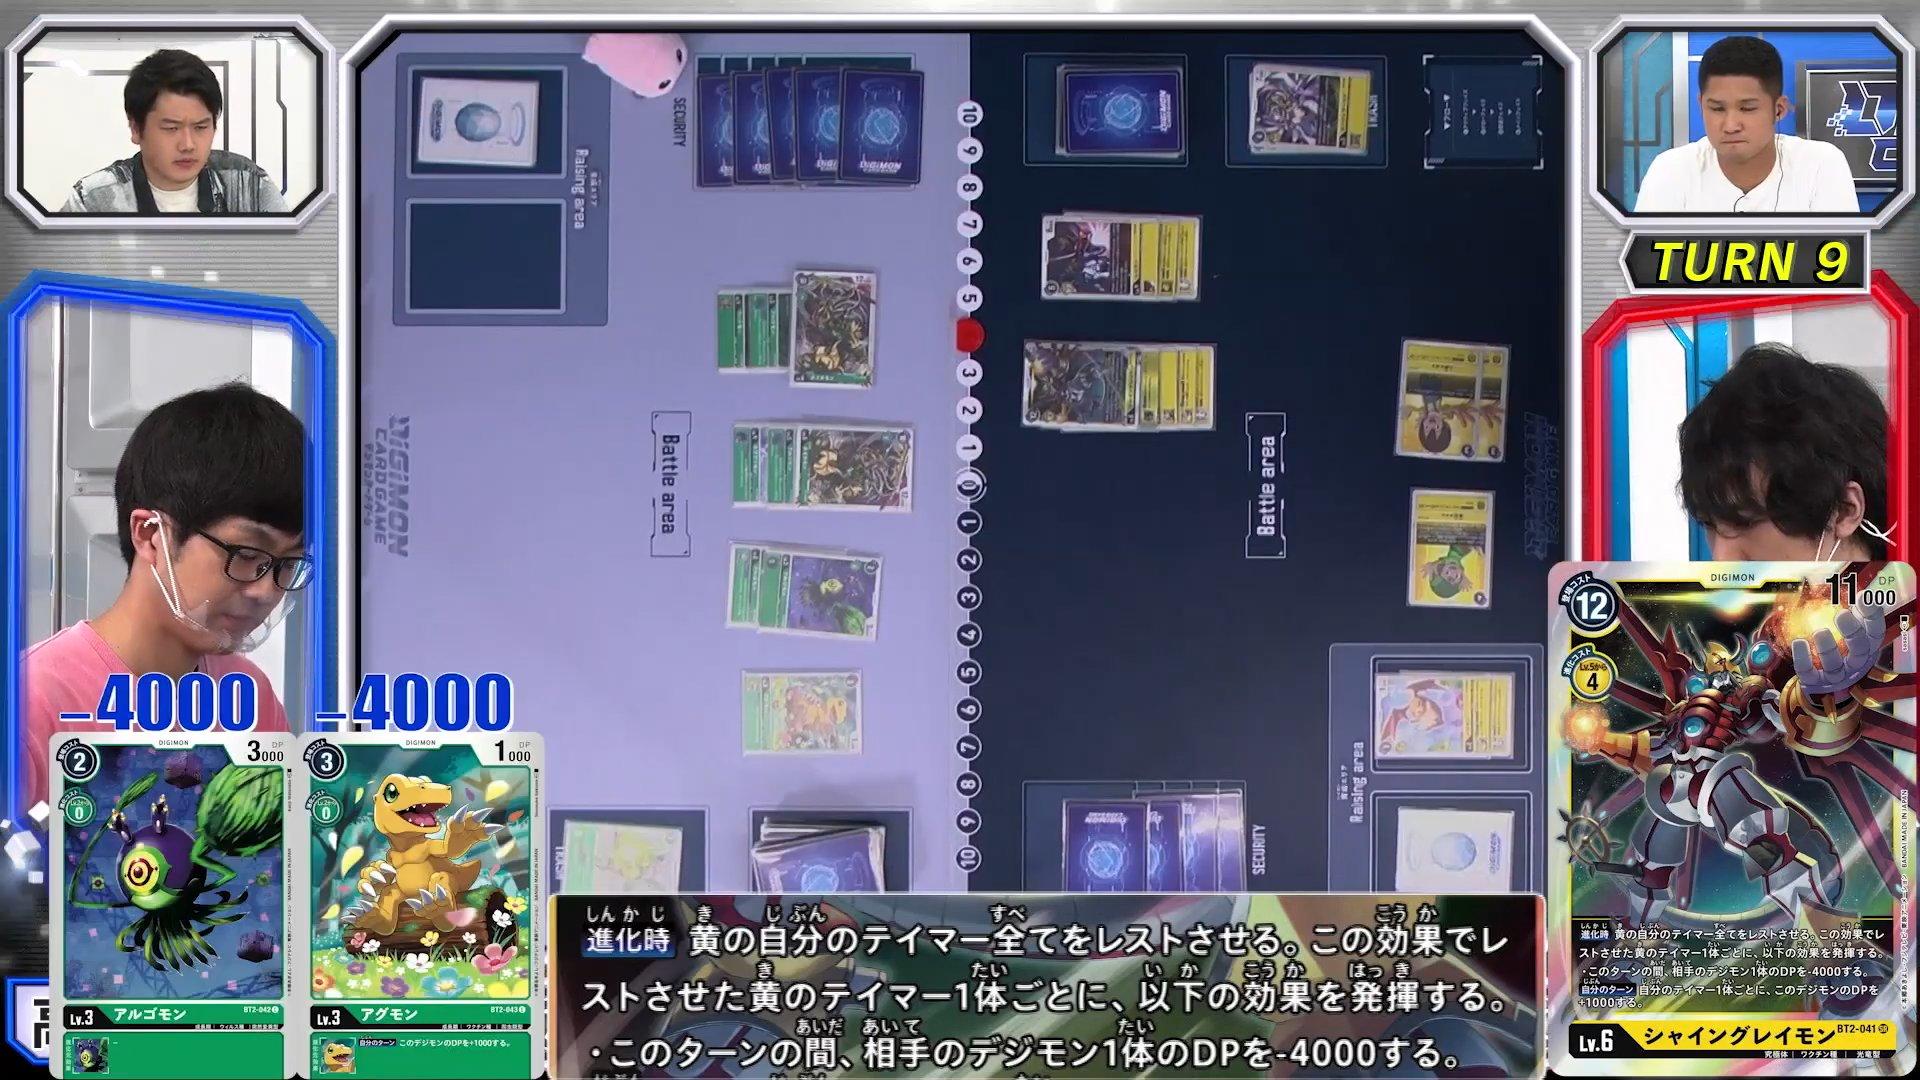 digimoncardbattle_s2_03_07_october22_2020.jpg